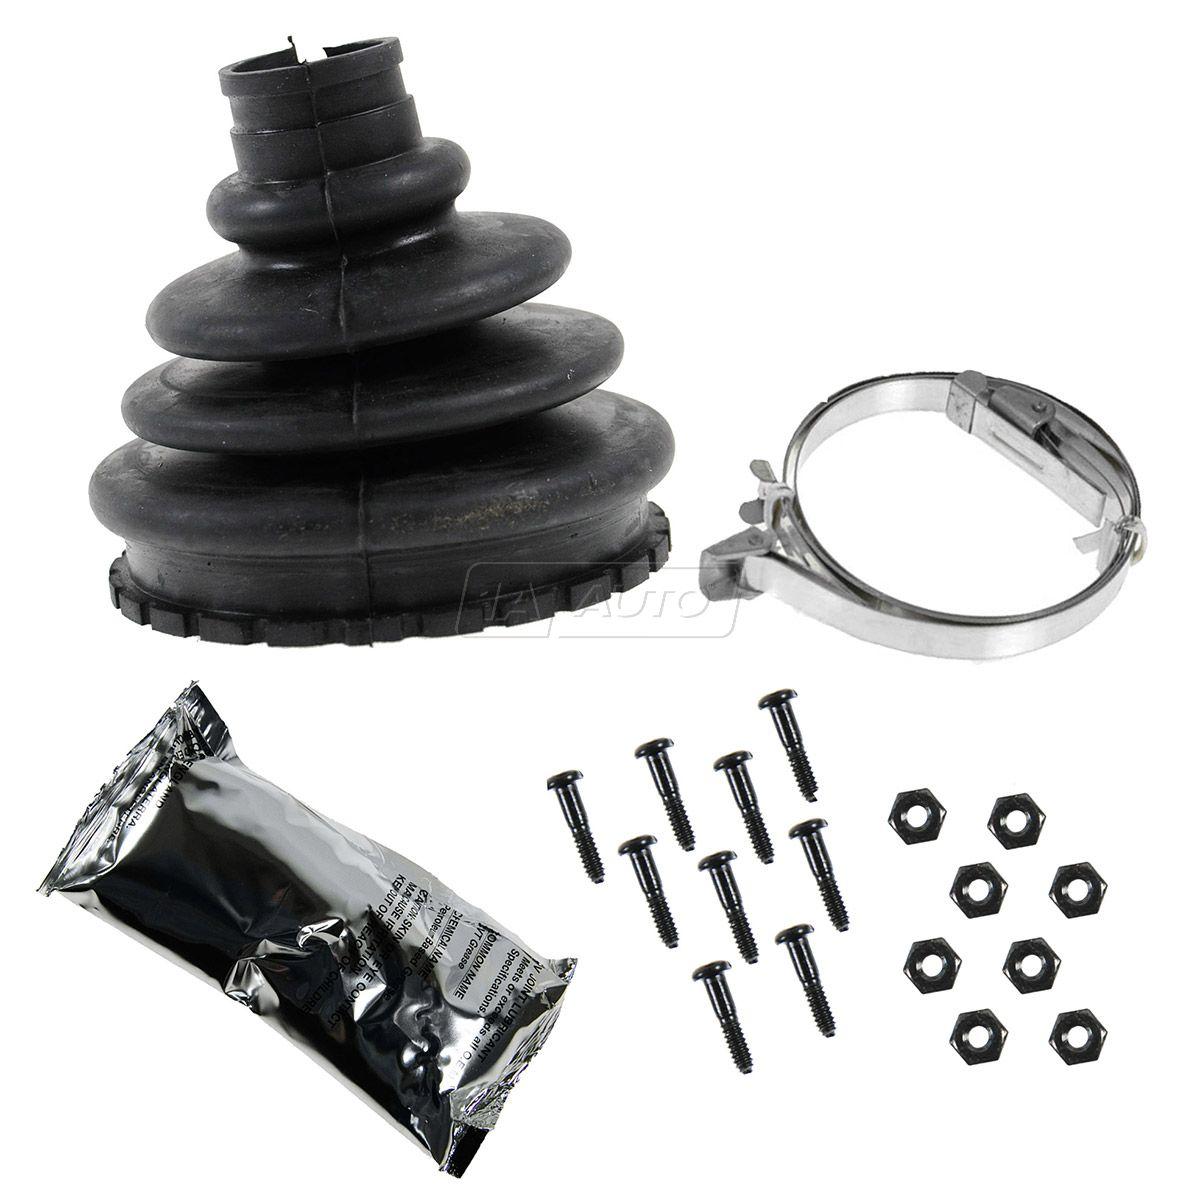 outer cv joint speedi split boot repair kit for chevy gmc